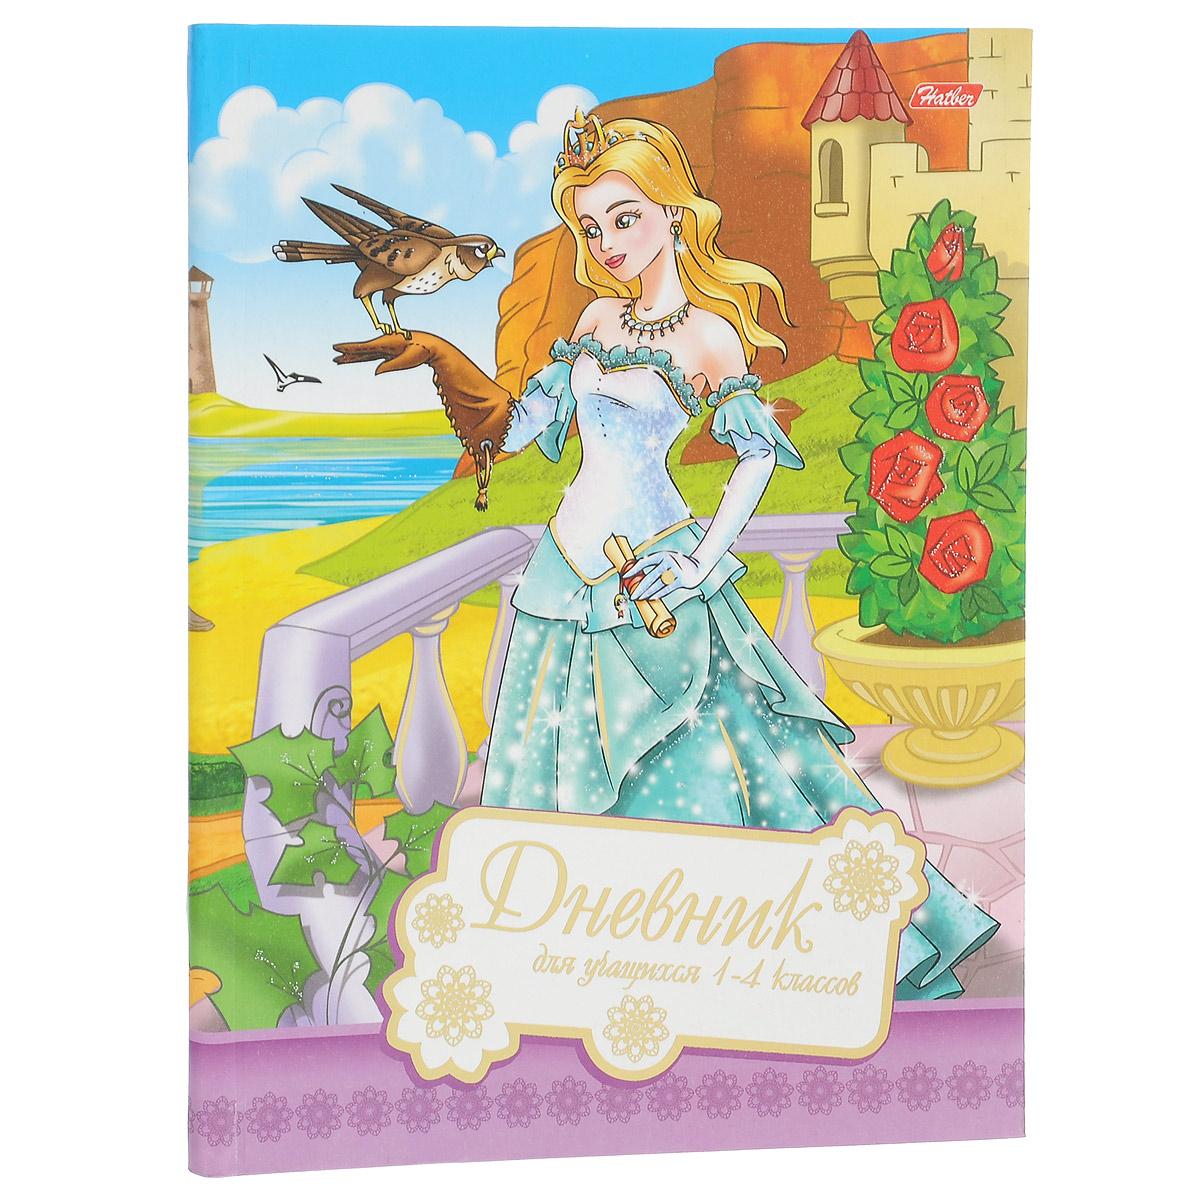 Hatber Дневник школьный Сказочная принцесса цвет сиреневый48ДмTL5фблB_09227Школьный дневник Hatber Сказочная принцесса предназначен для учащихся 1-4 классов. Внутренний блок дневника состоит из 48 листов бумаги белого цвета. Обложка в интегральном переплете выполнена из глянцевого картона с изображением сказочной принцессы. В структуру дневника входят все необходимые разделы: информация о личных данных ученика, школе и педагогах, друзьях и одноклассниках, расписание факультативов и уроков по четвертям, сведения об успеваемости с рекомендациями педагогического коллектива. Дневник содержит номера телефонов экстренной помощи и даты государственных праздников. Кроме стандартной информации, в конце дневника имеется краткий справочник школьника по математике и русскому языку. Справочник содержит ряд формул, правил и подсказок по предмету, которому они предназначены. Дневник Hatber Сказочная принцесса станет надежным помощником в освоении новых знаний и принесет радость своему хозяину, украшая учебные будни.